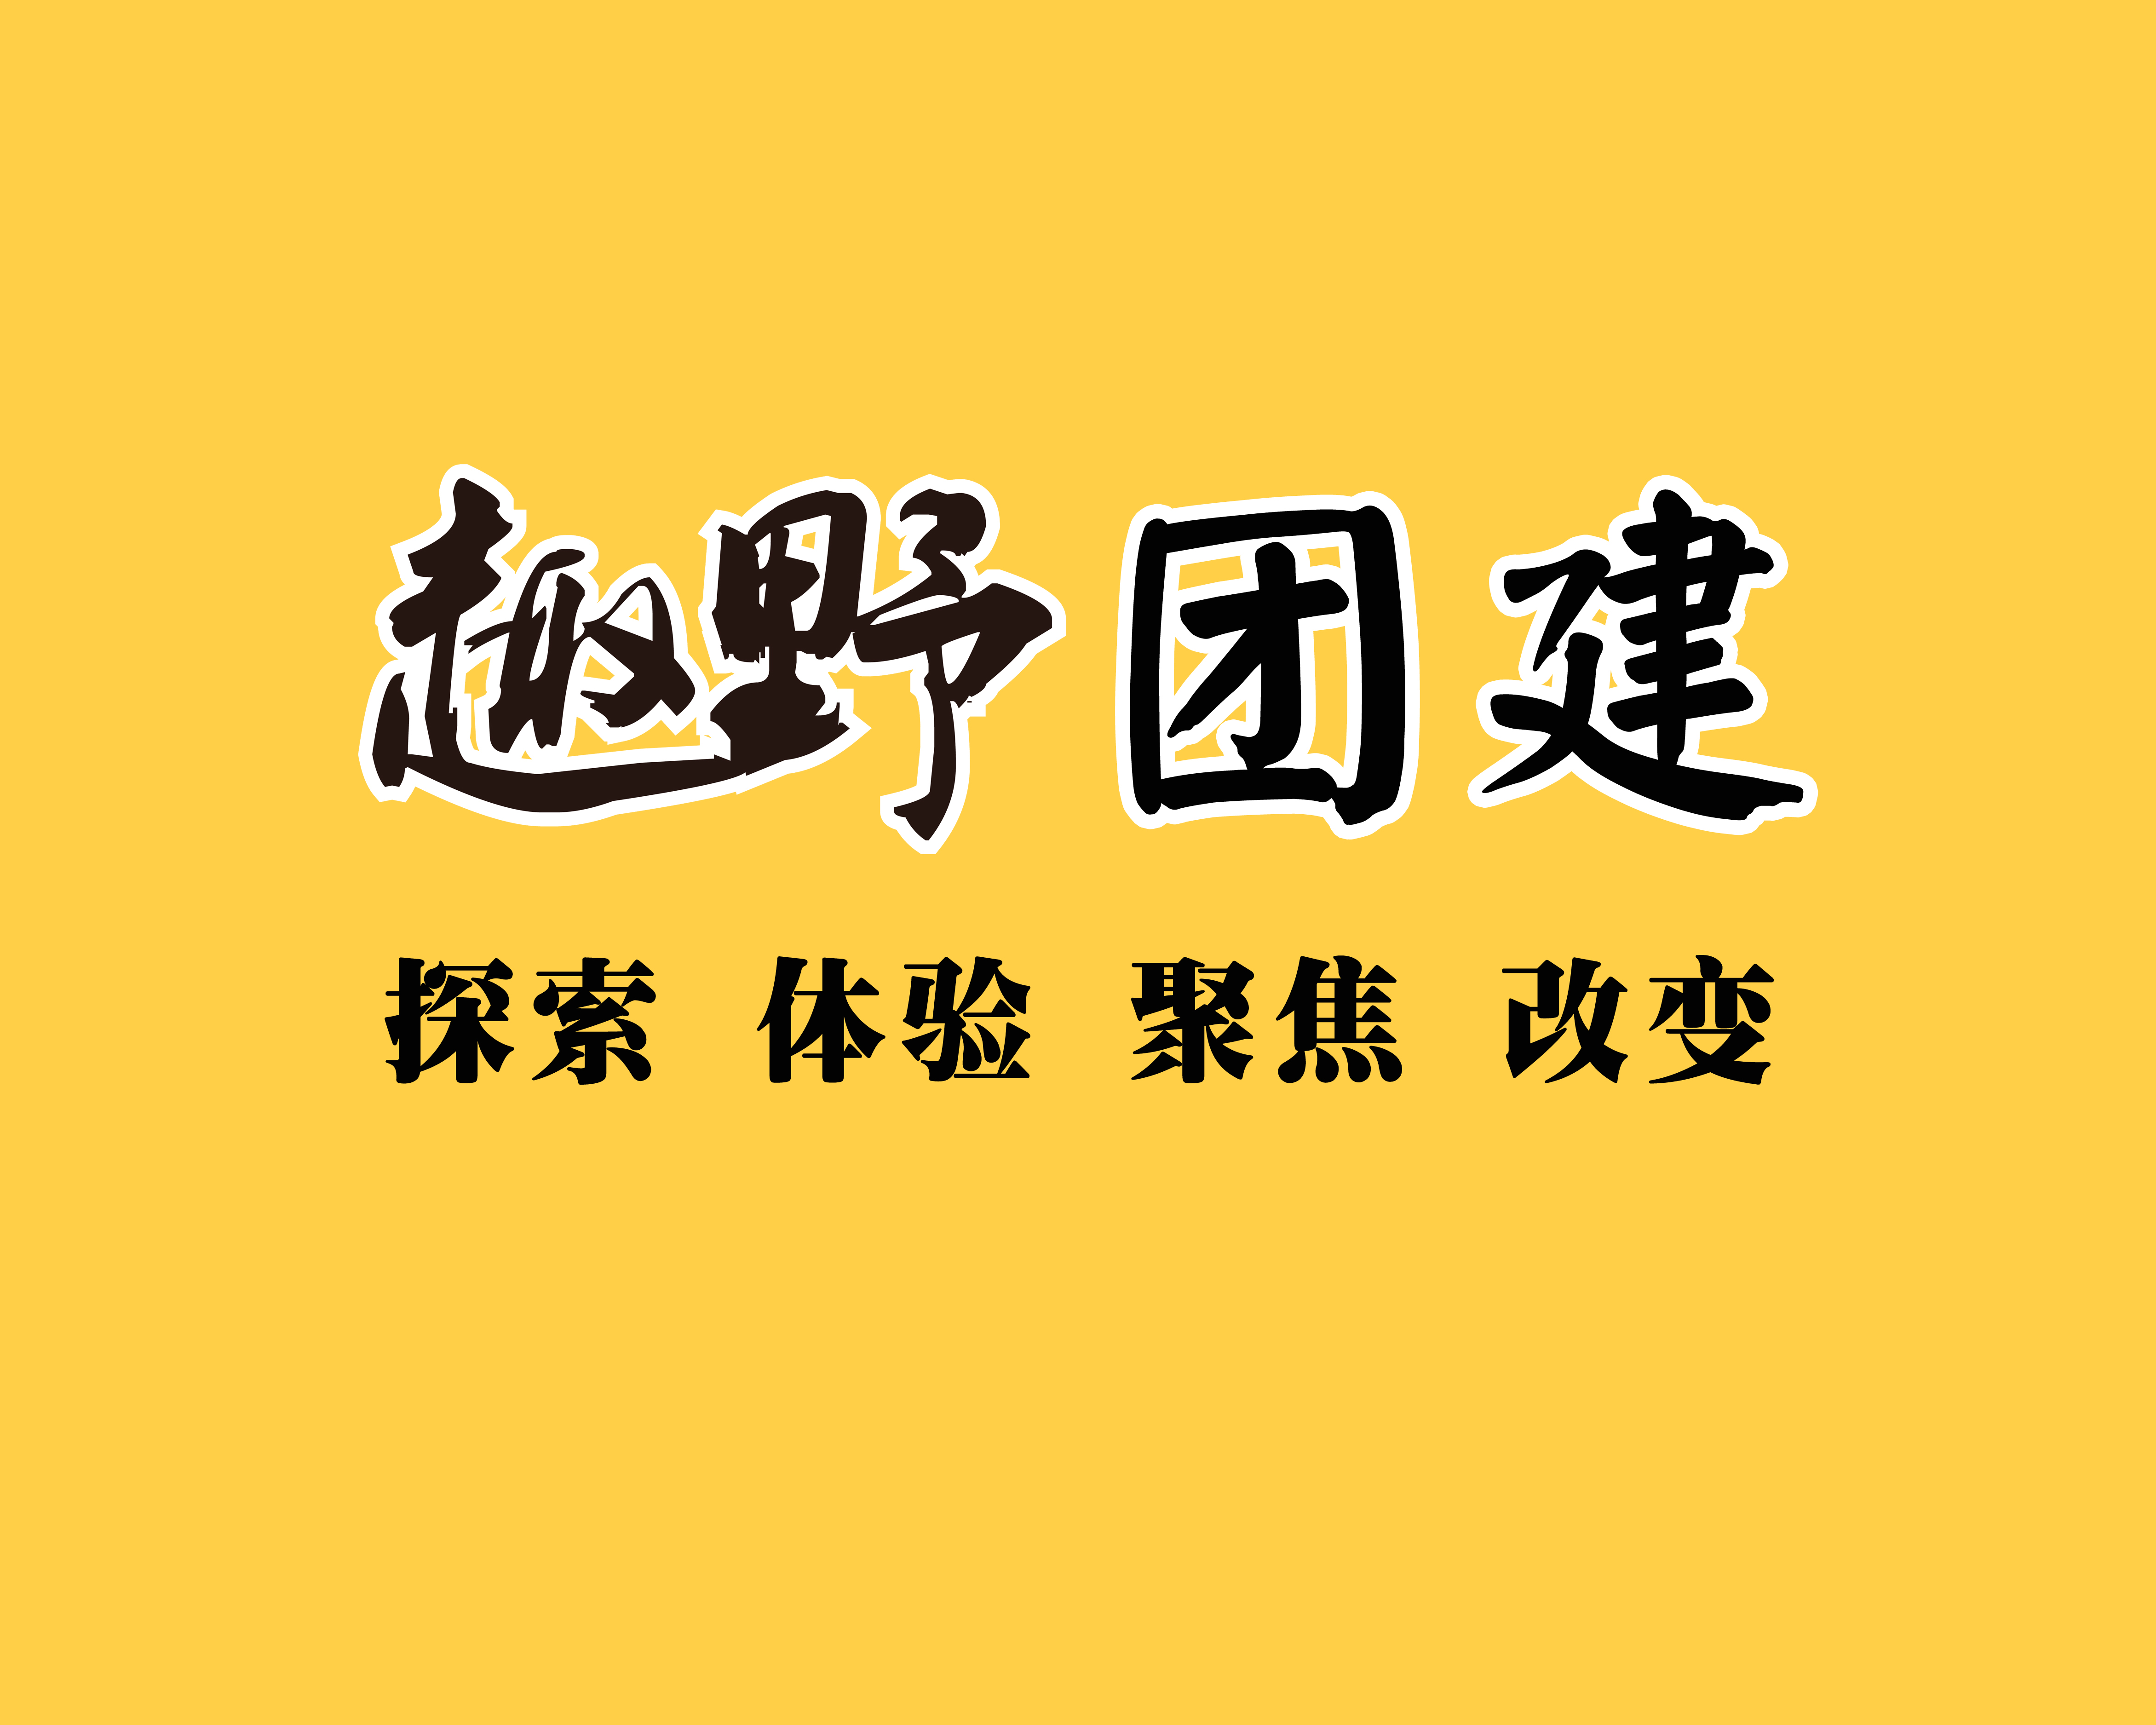 趣味拓展方案_户外体验式培训活动-南京趣野文化发展有限公司